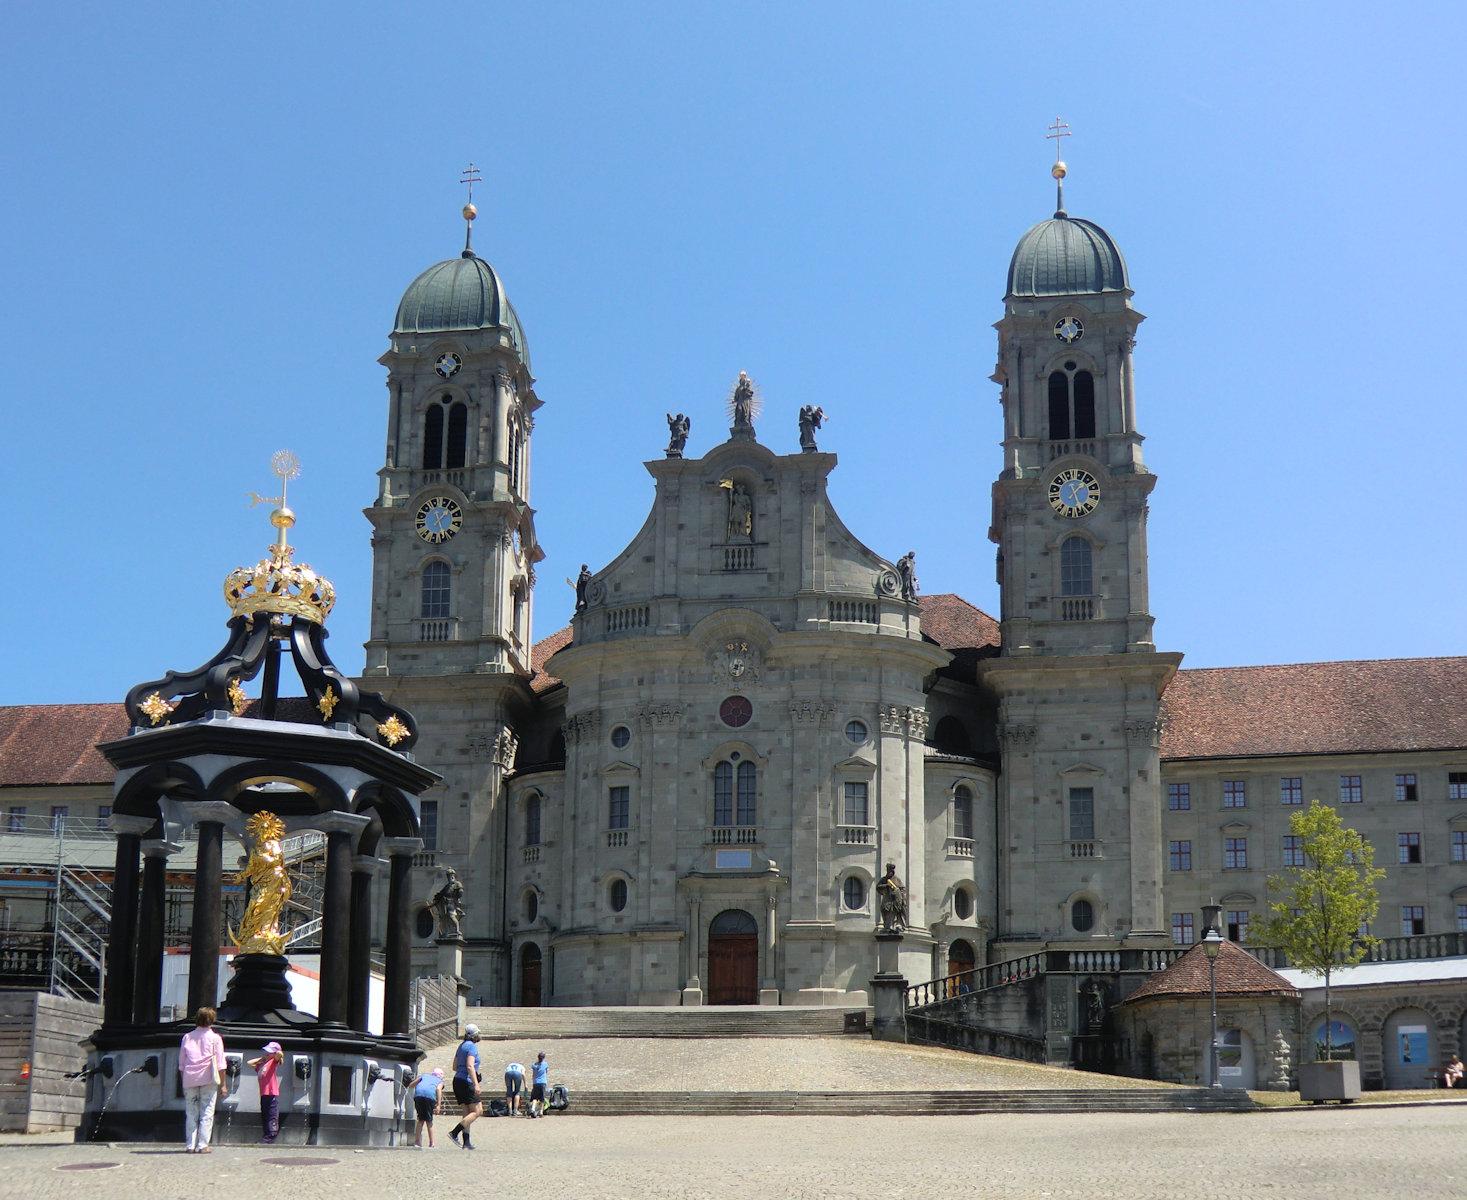 http://www.heiligenlexikon.de/Fotos/Meinrad-Einsiedeln.jpg